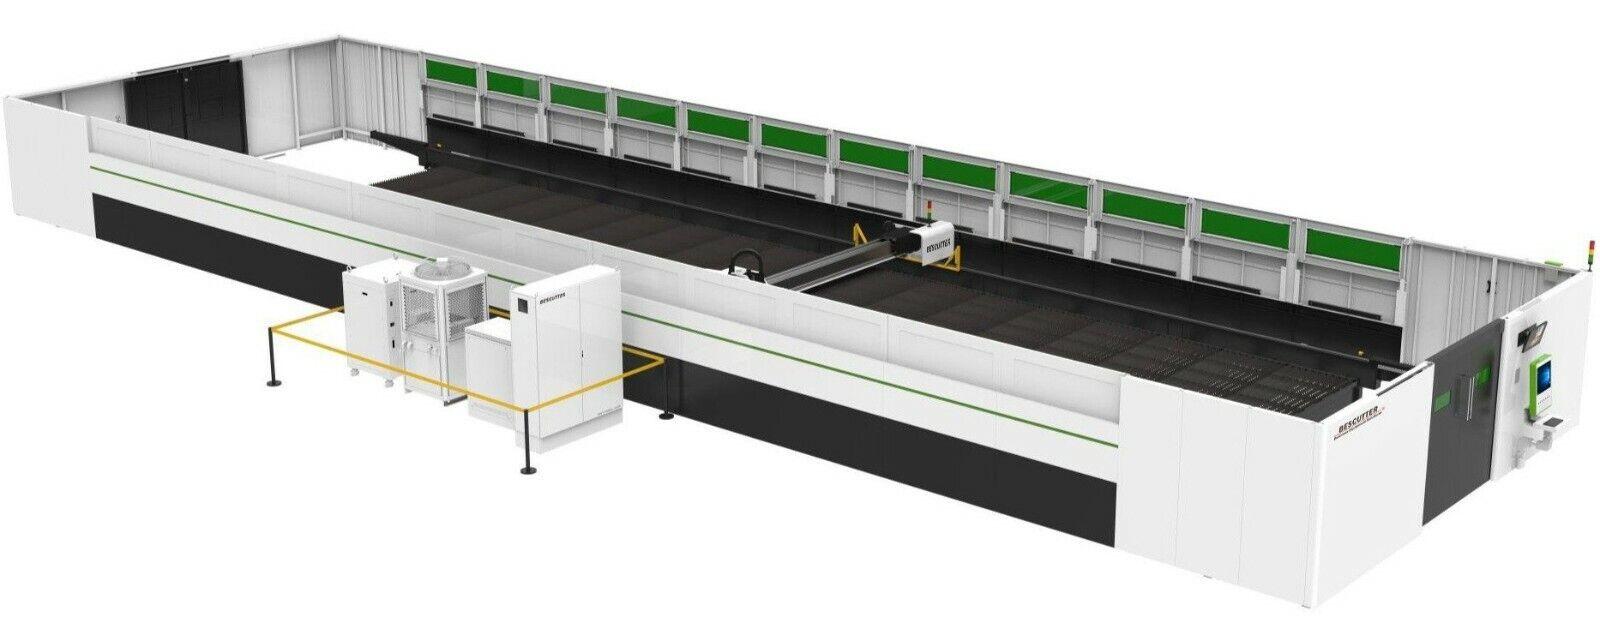 Best NEW BESCUTTER GIGA SERIES 12KW 10'X40' IPG FIBER LASER CUTTER